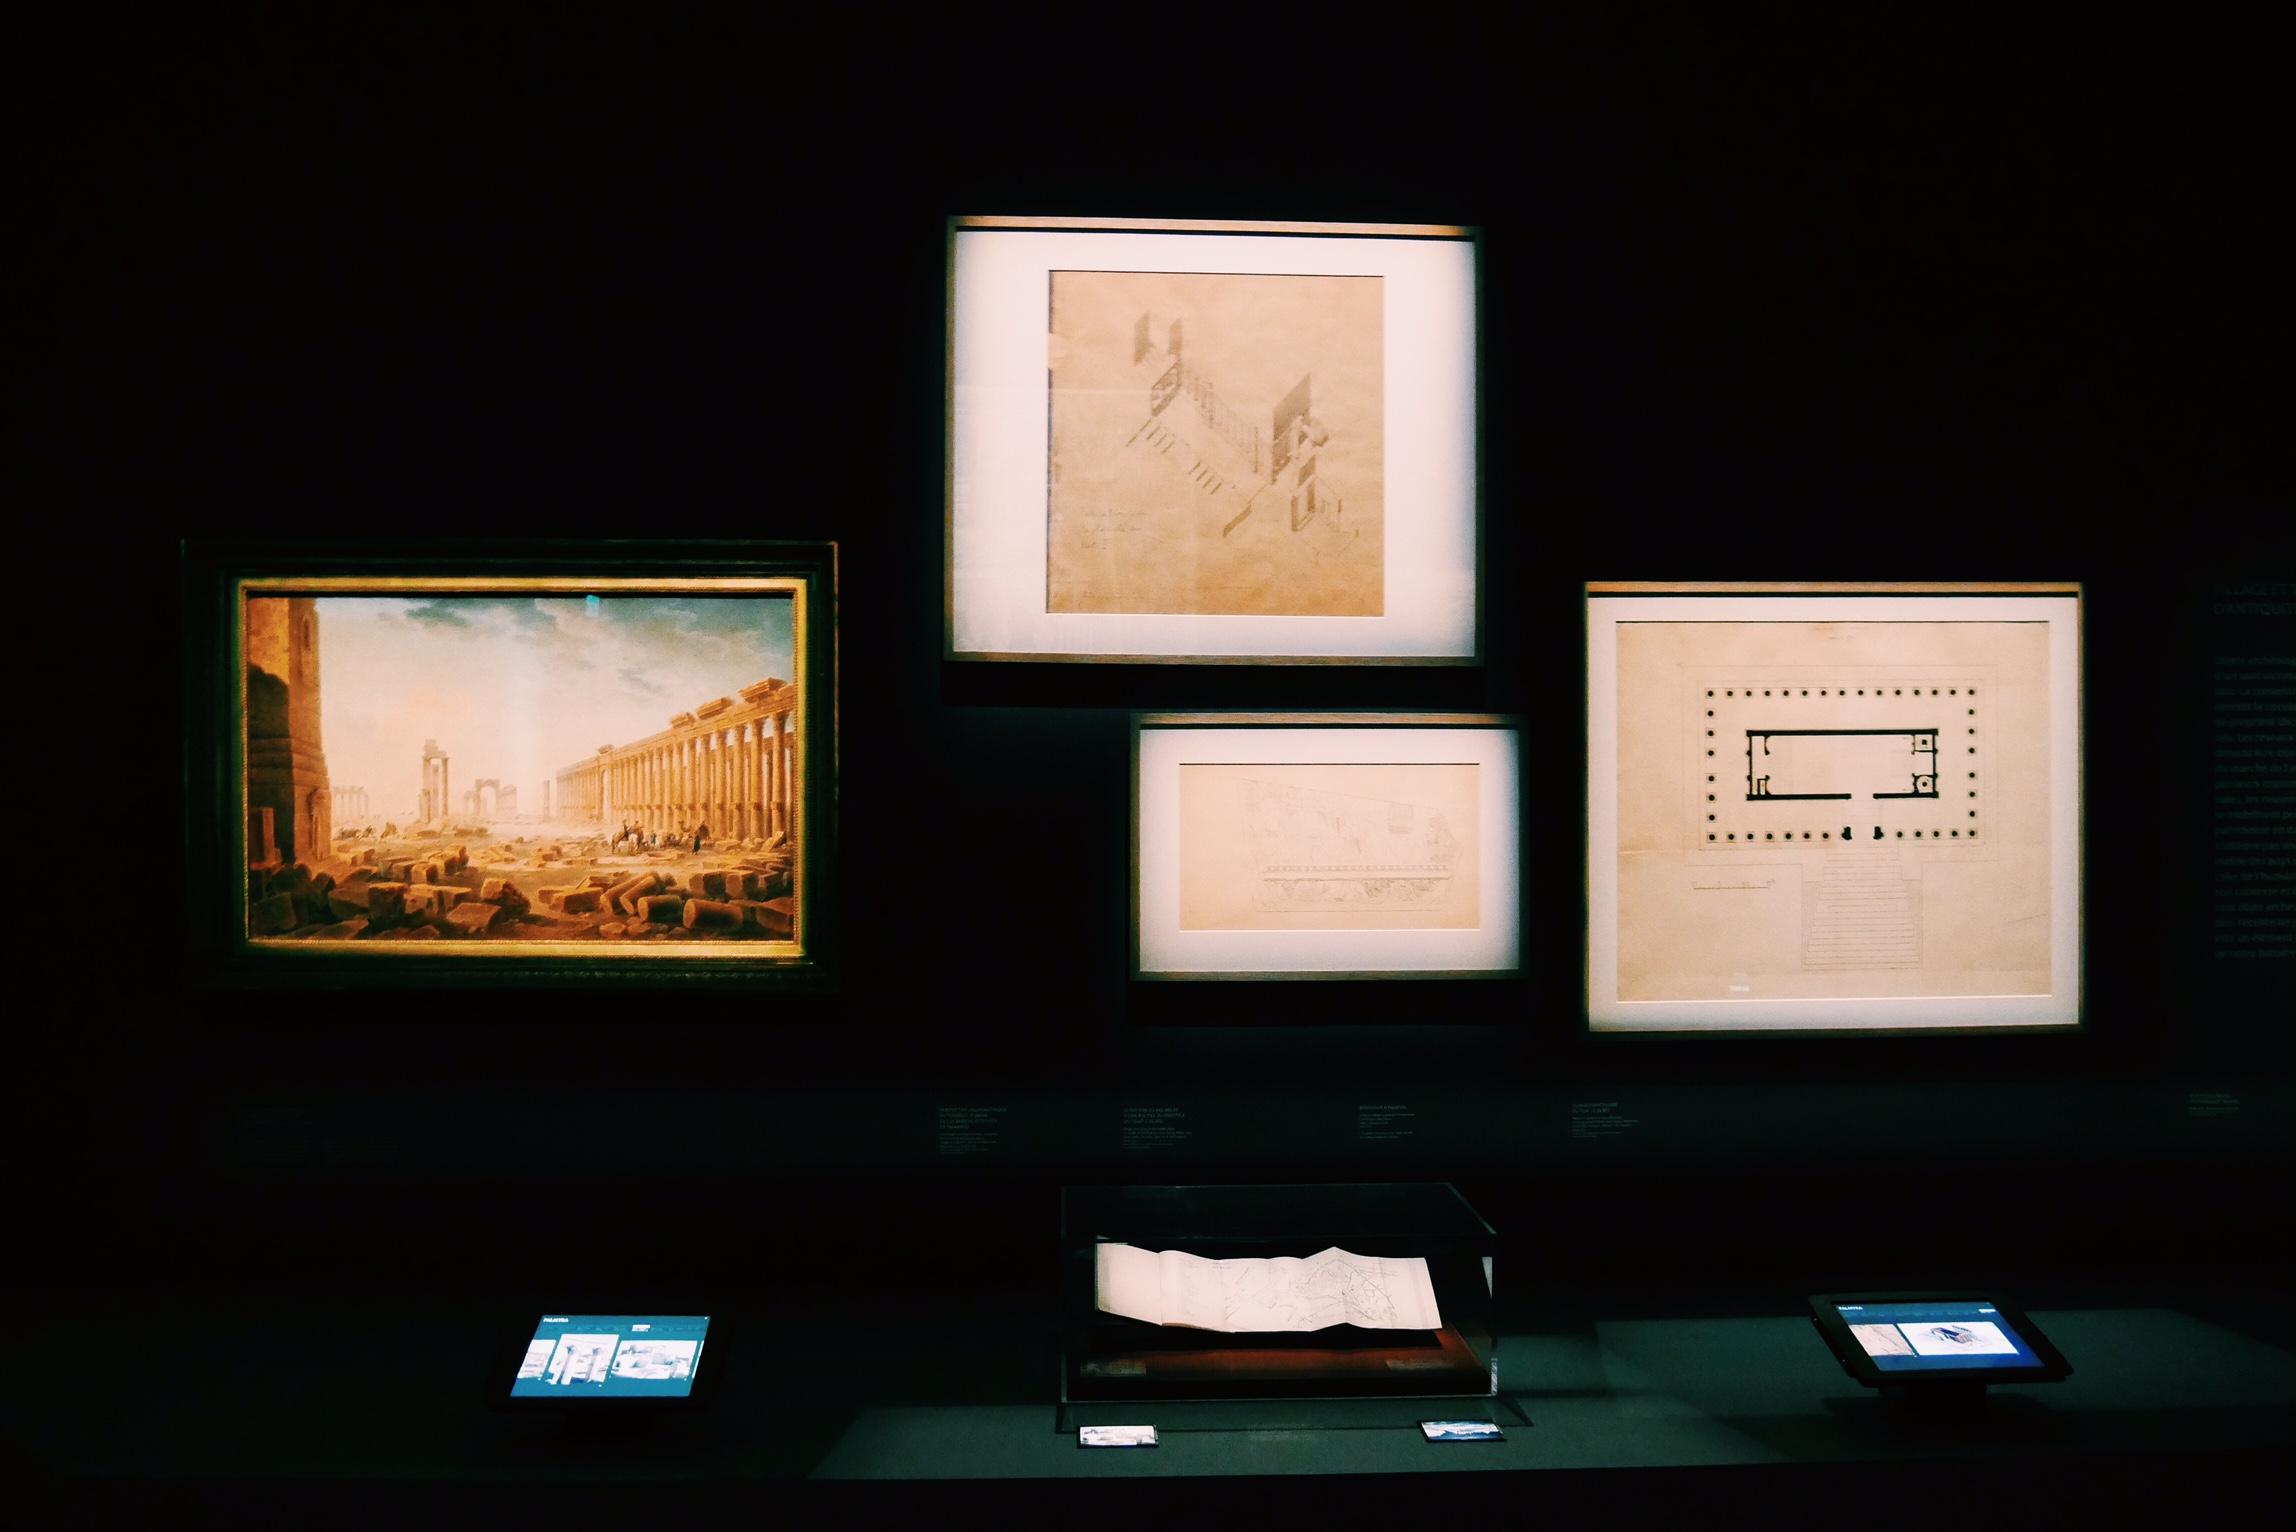 Exposition-Sites-Eternels-Grand-Palais-Paris-tableau-plan-dessin-photos-site-de-Palmyre-Syrie-Unesco-World-Heritage-Center